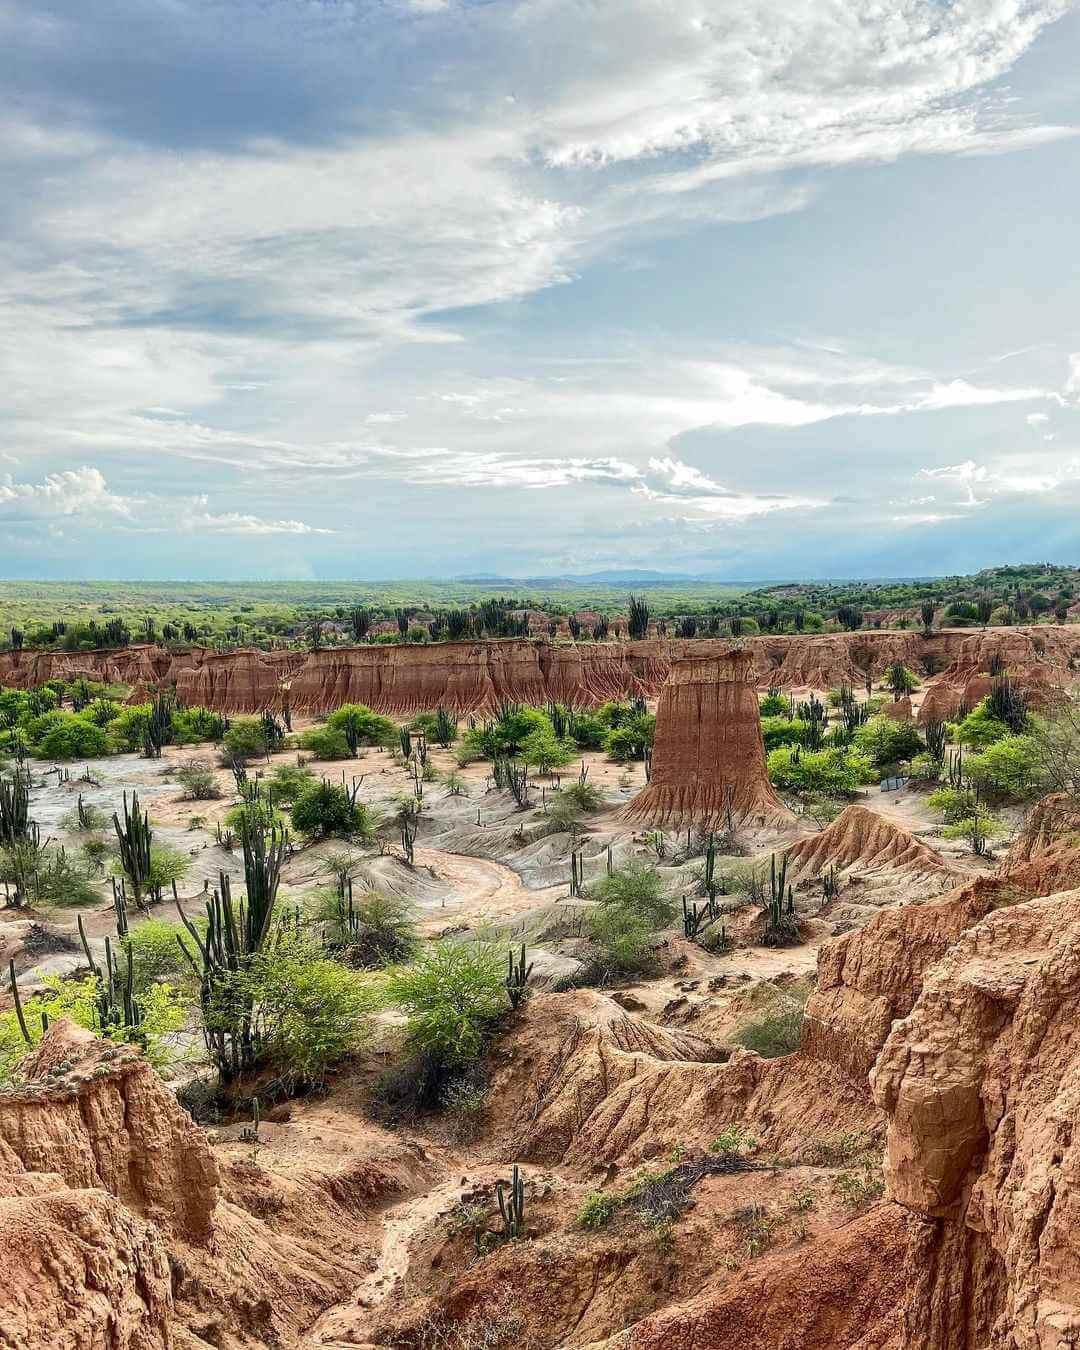 Plan al desierto la Tatacoa desde Bogotá